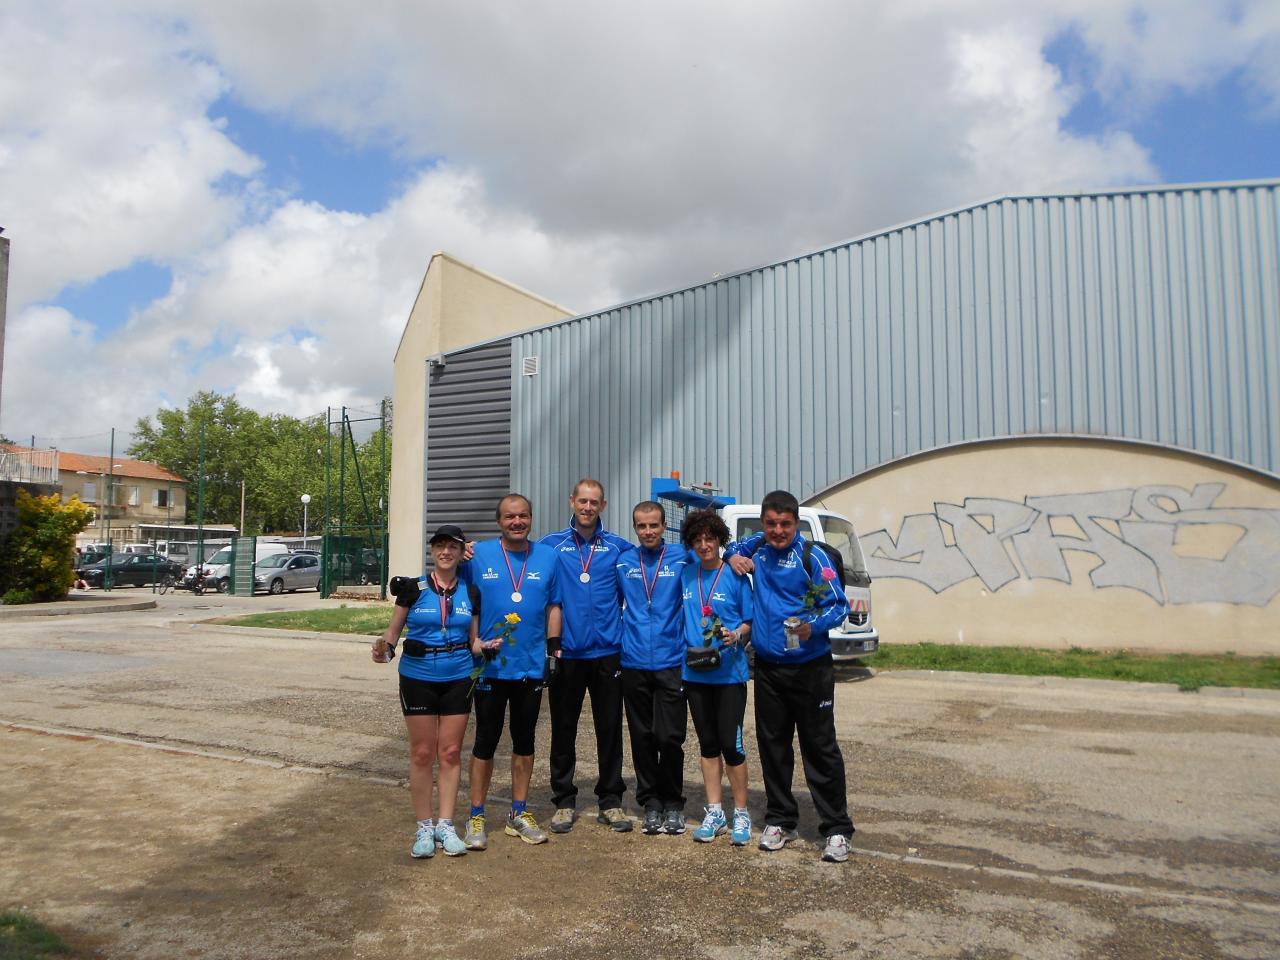 Marathon arles (26)